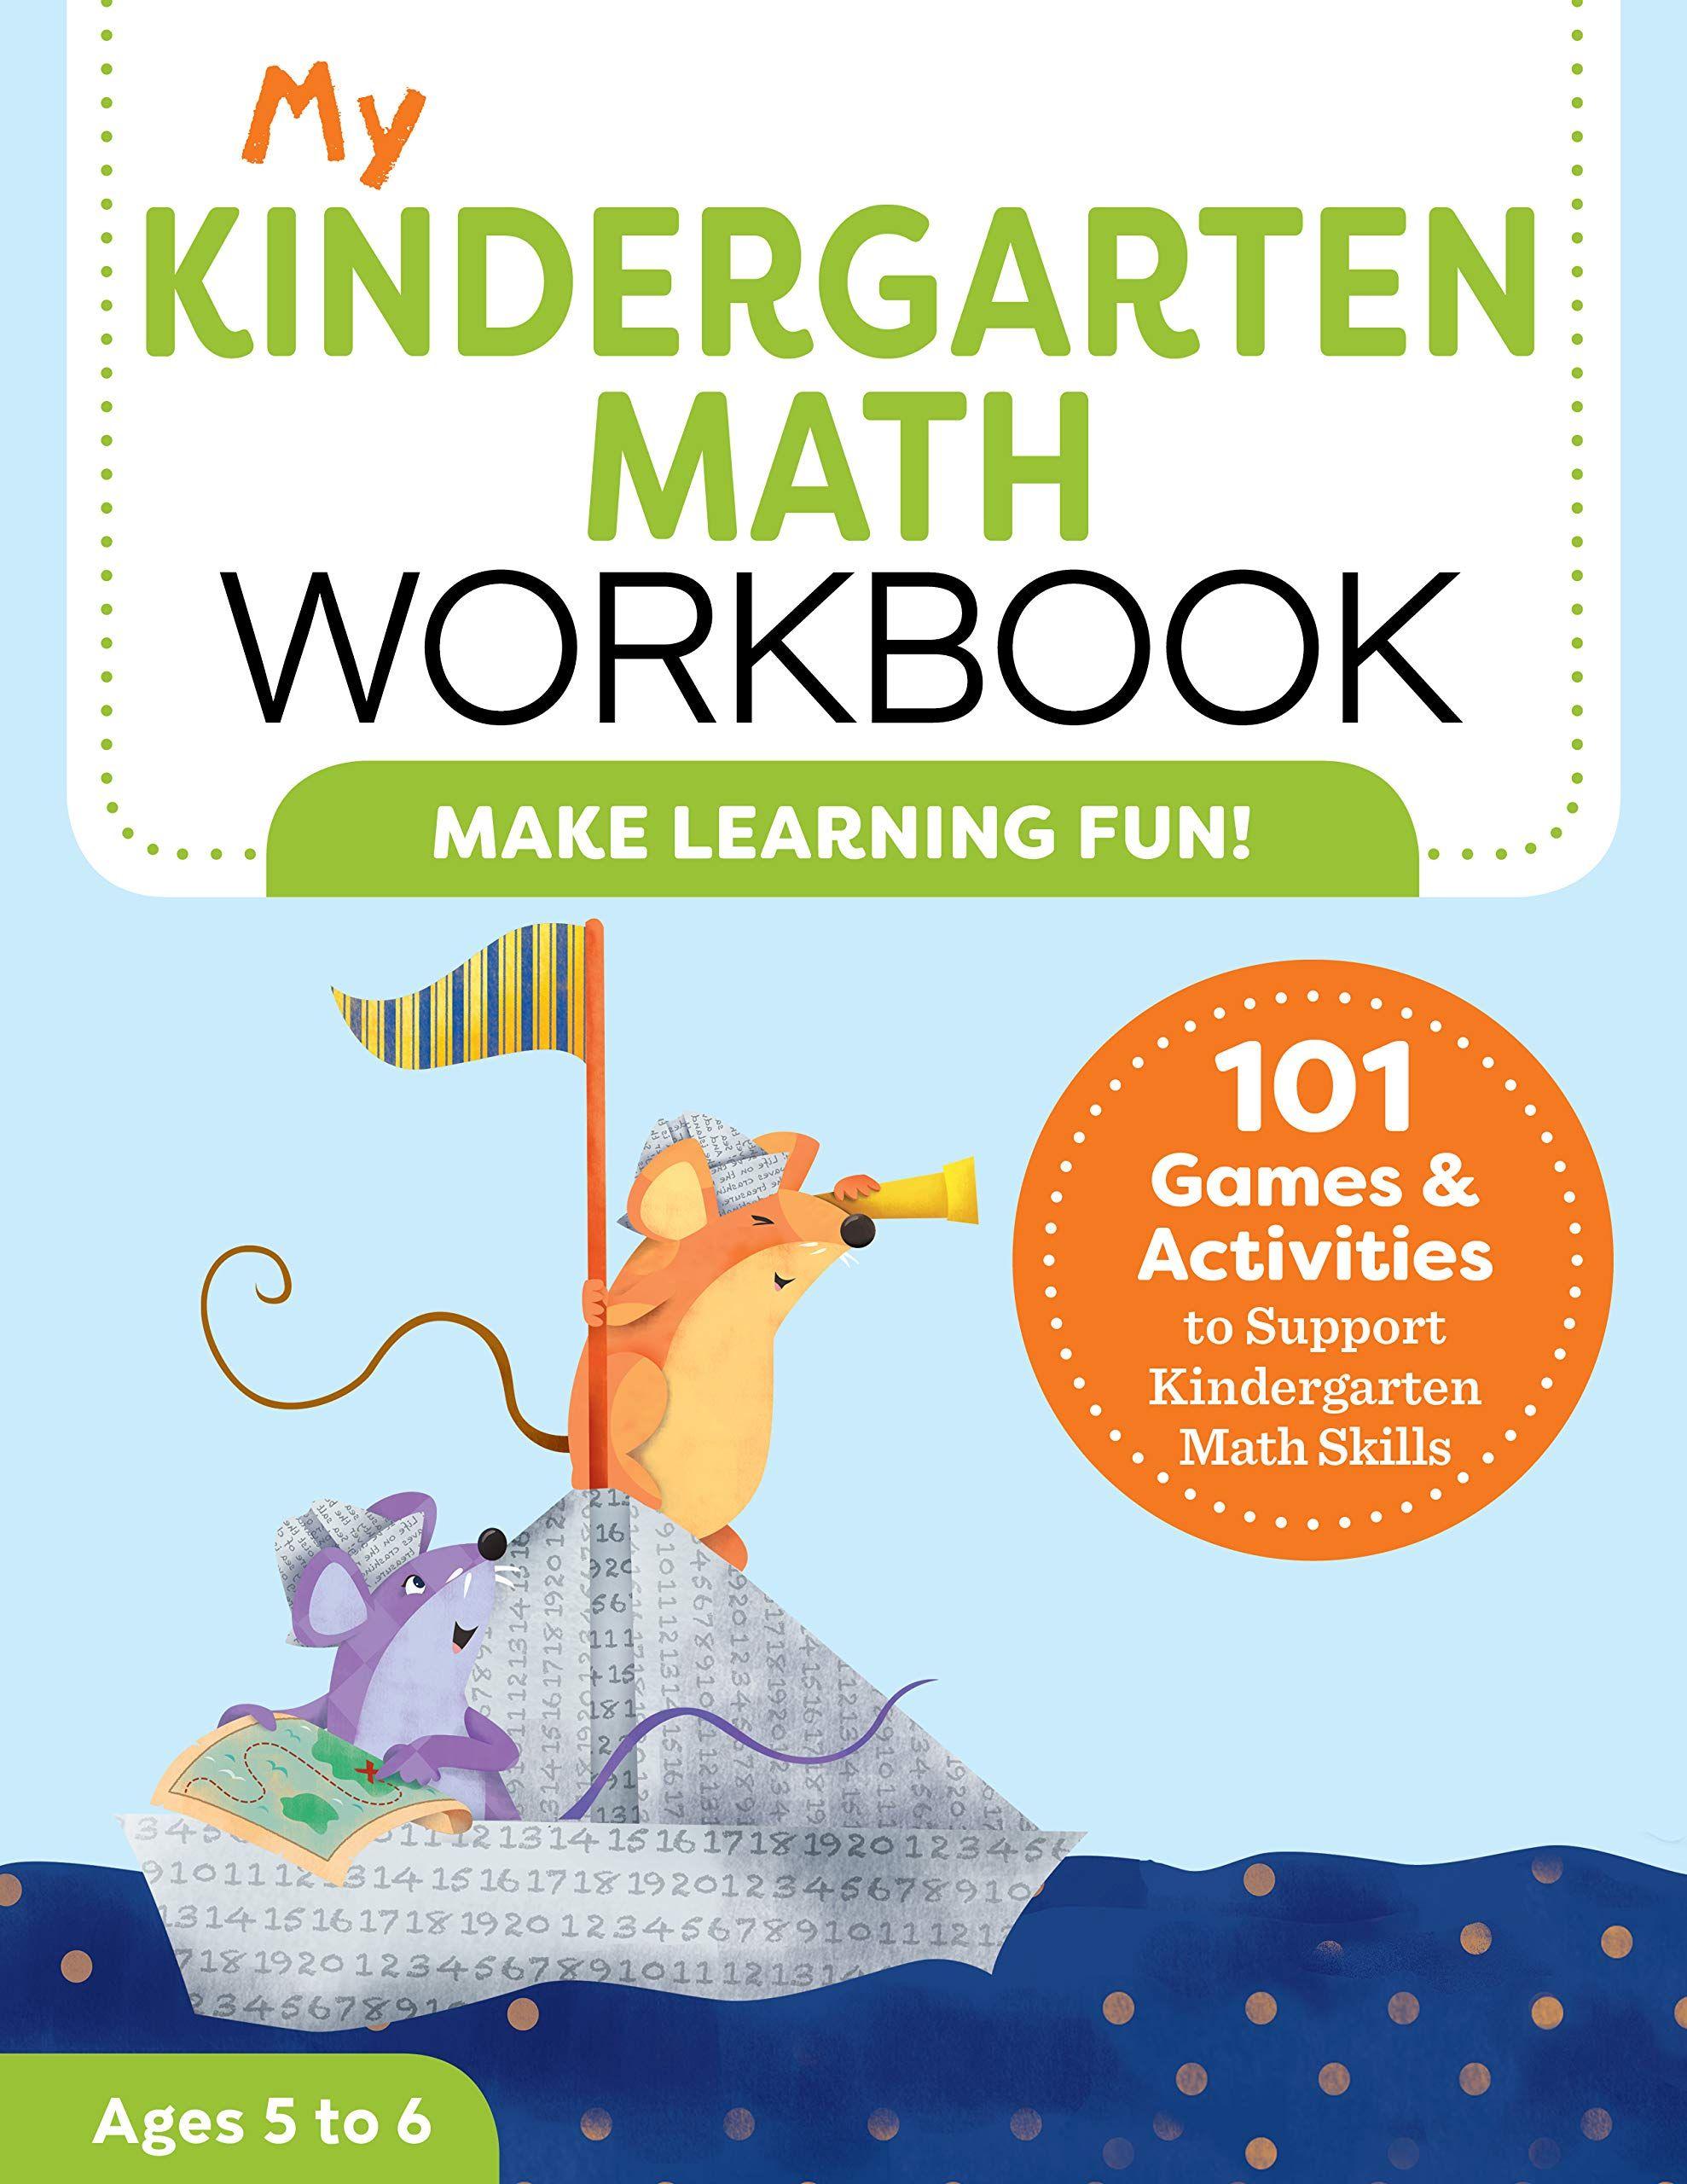 My Kindergarten Math Workbook 101 Games And Activities